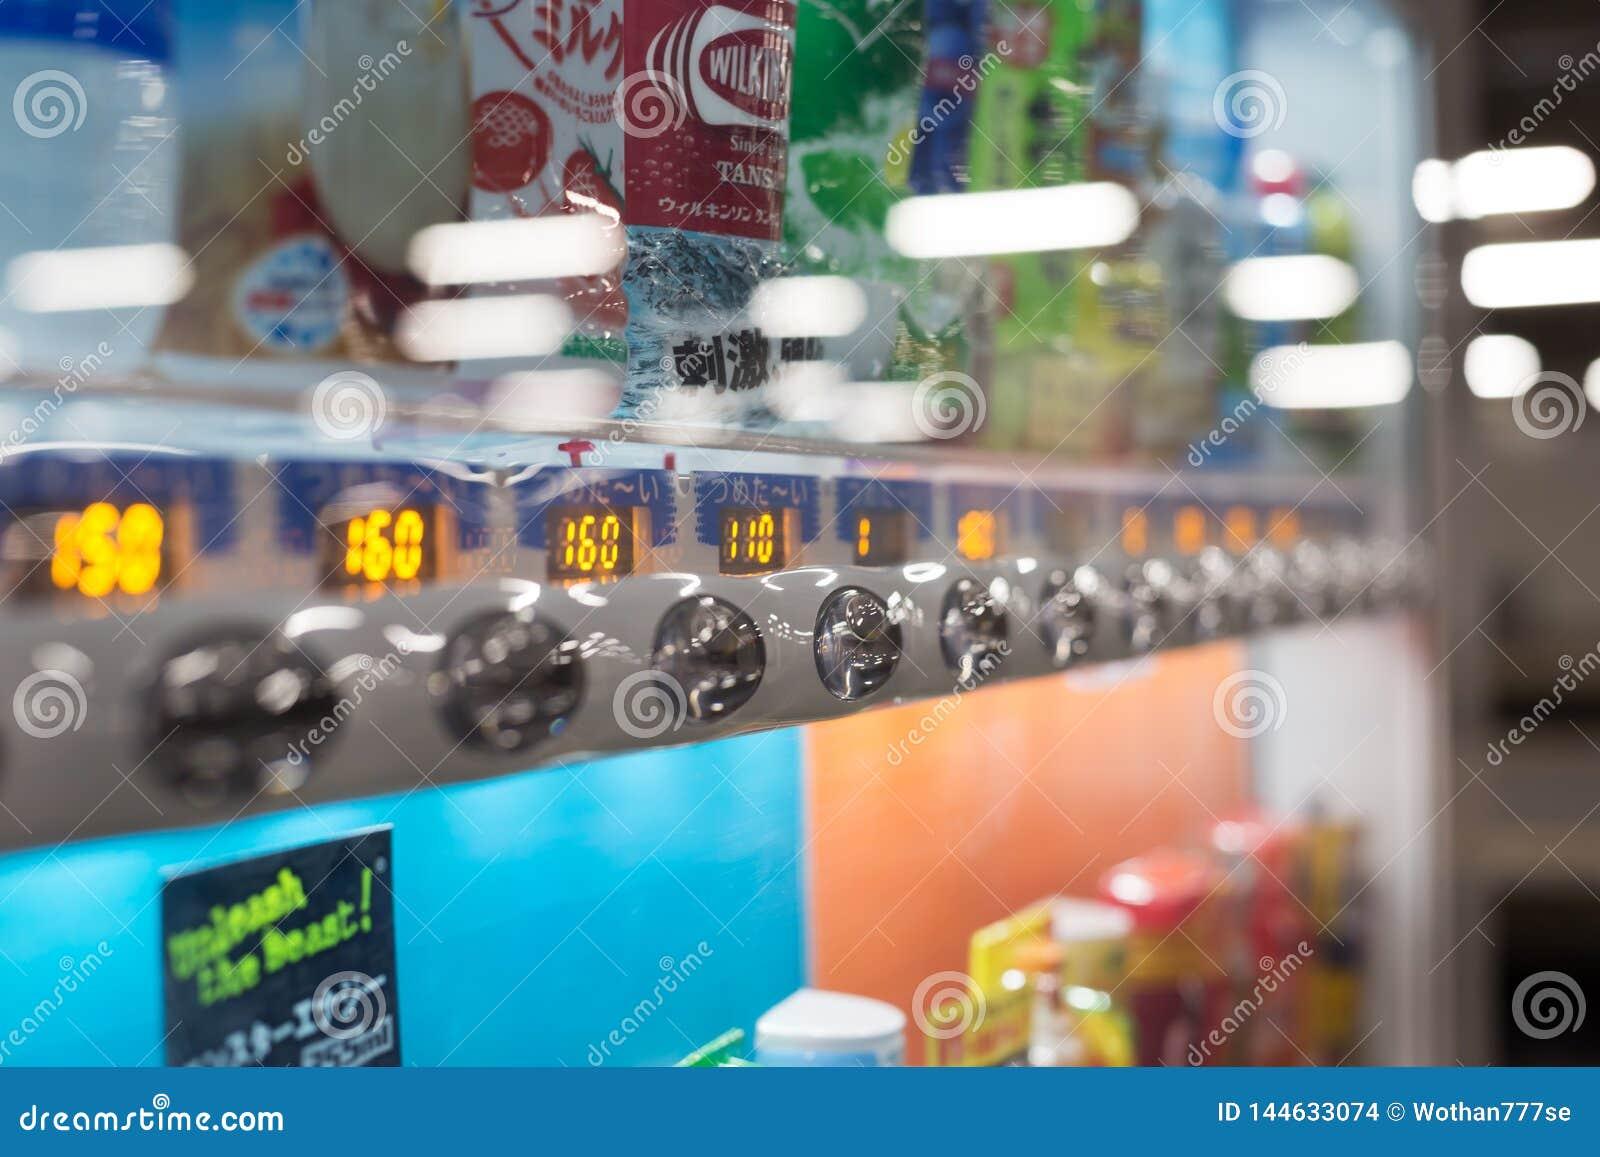 Japanse frisdrankenautomaat